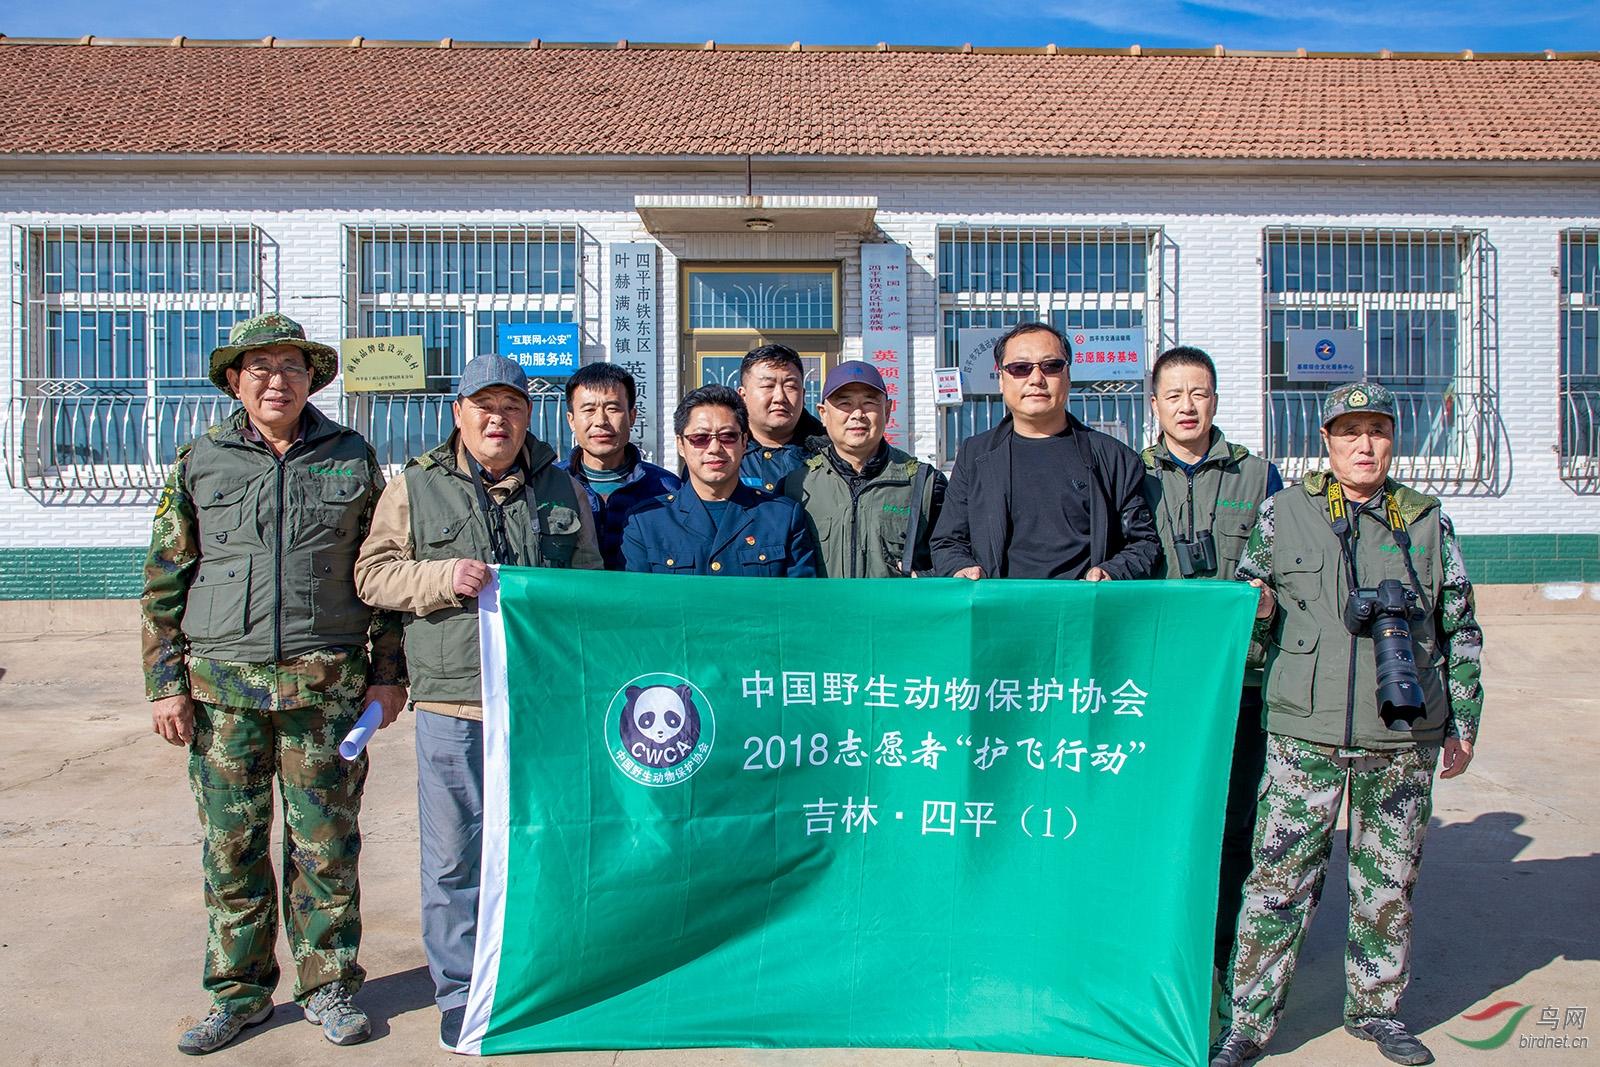 野生动物保护志愿者在农村村委会签约野生动物保护责任书后和村领导合影.jpg